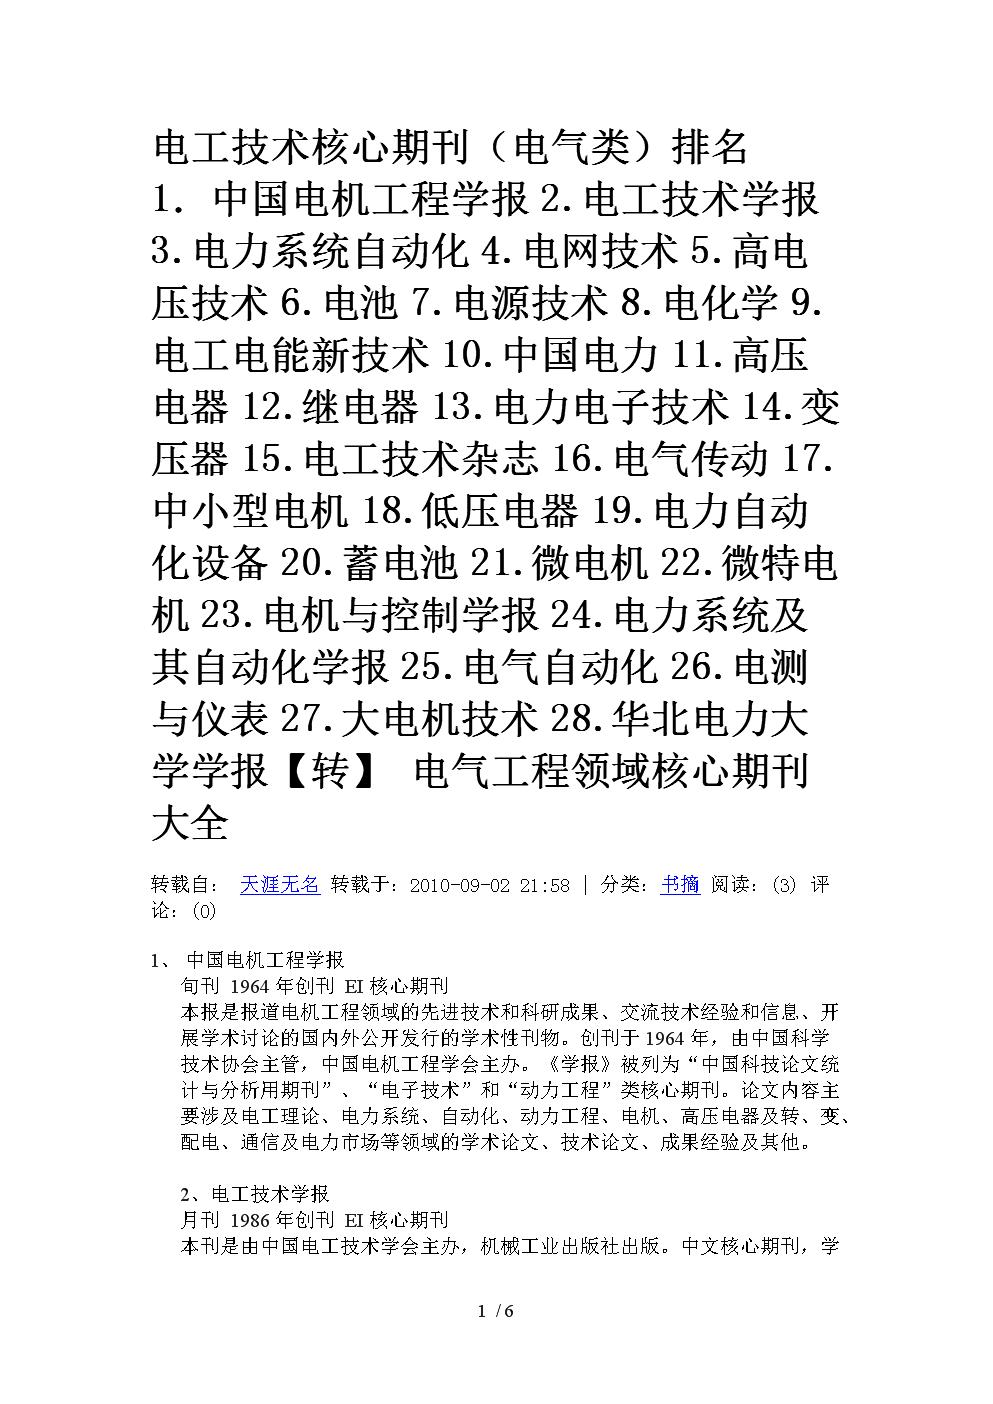 电气工程核心期刊大全.doc